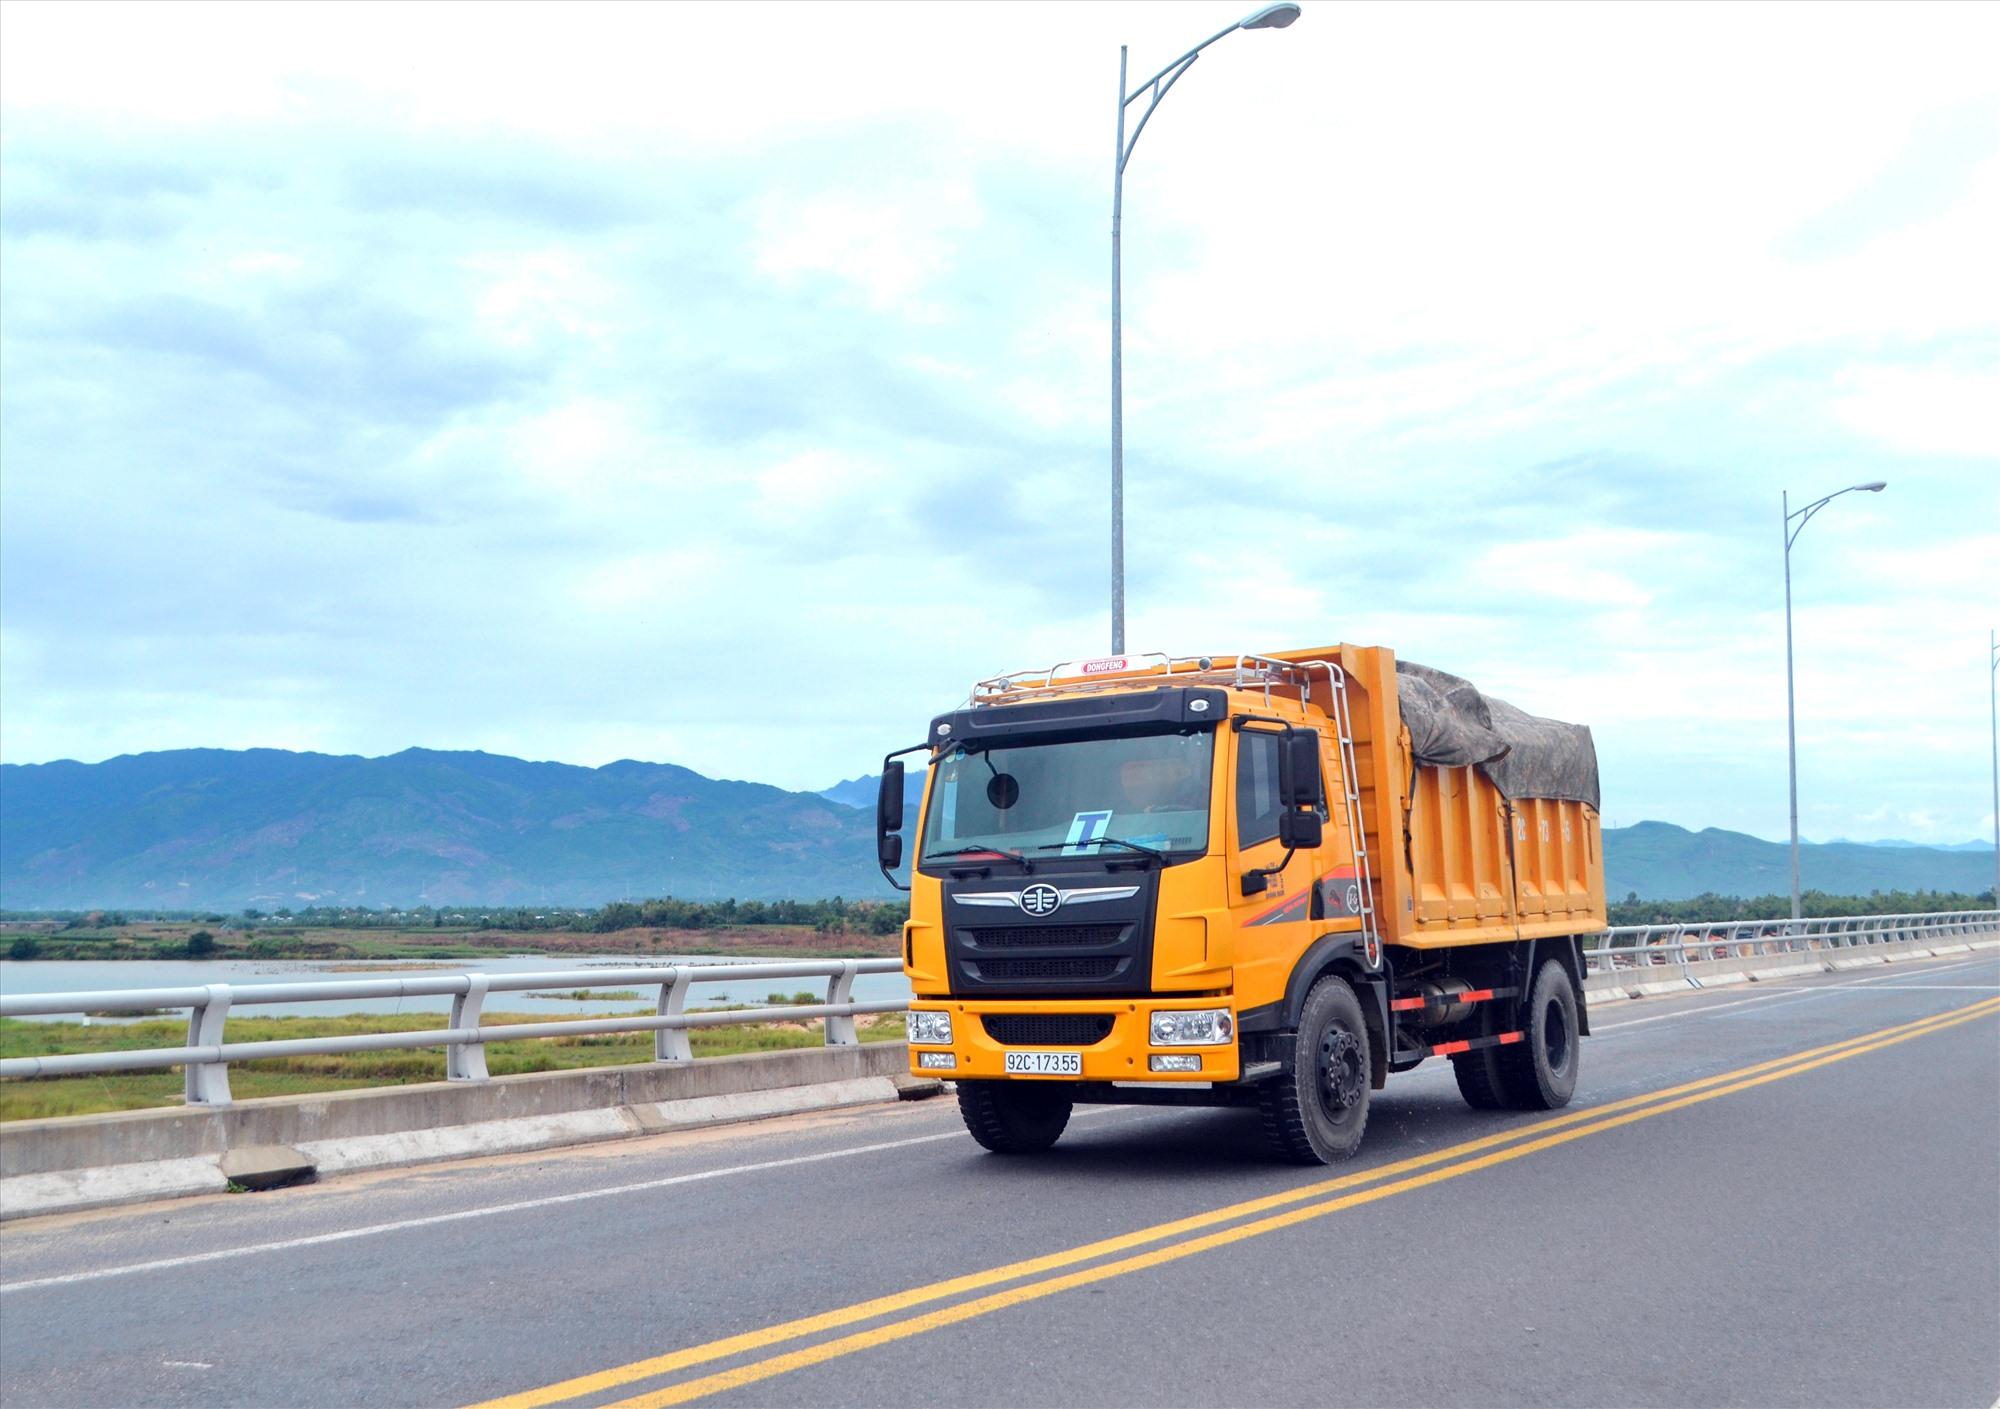 Xe chở nguyên vật liệu được lưu thông trong đợt giãn cách xã hội tại 6 địa phương phía bắc của tỉnh. Ảnh: K.K